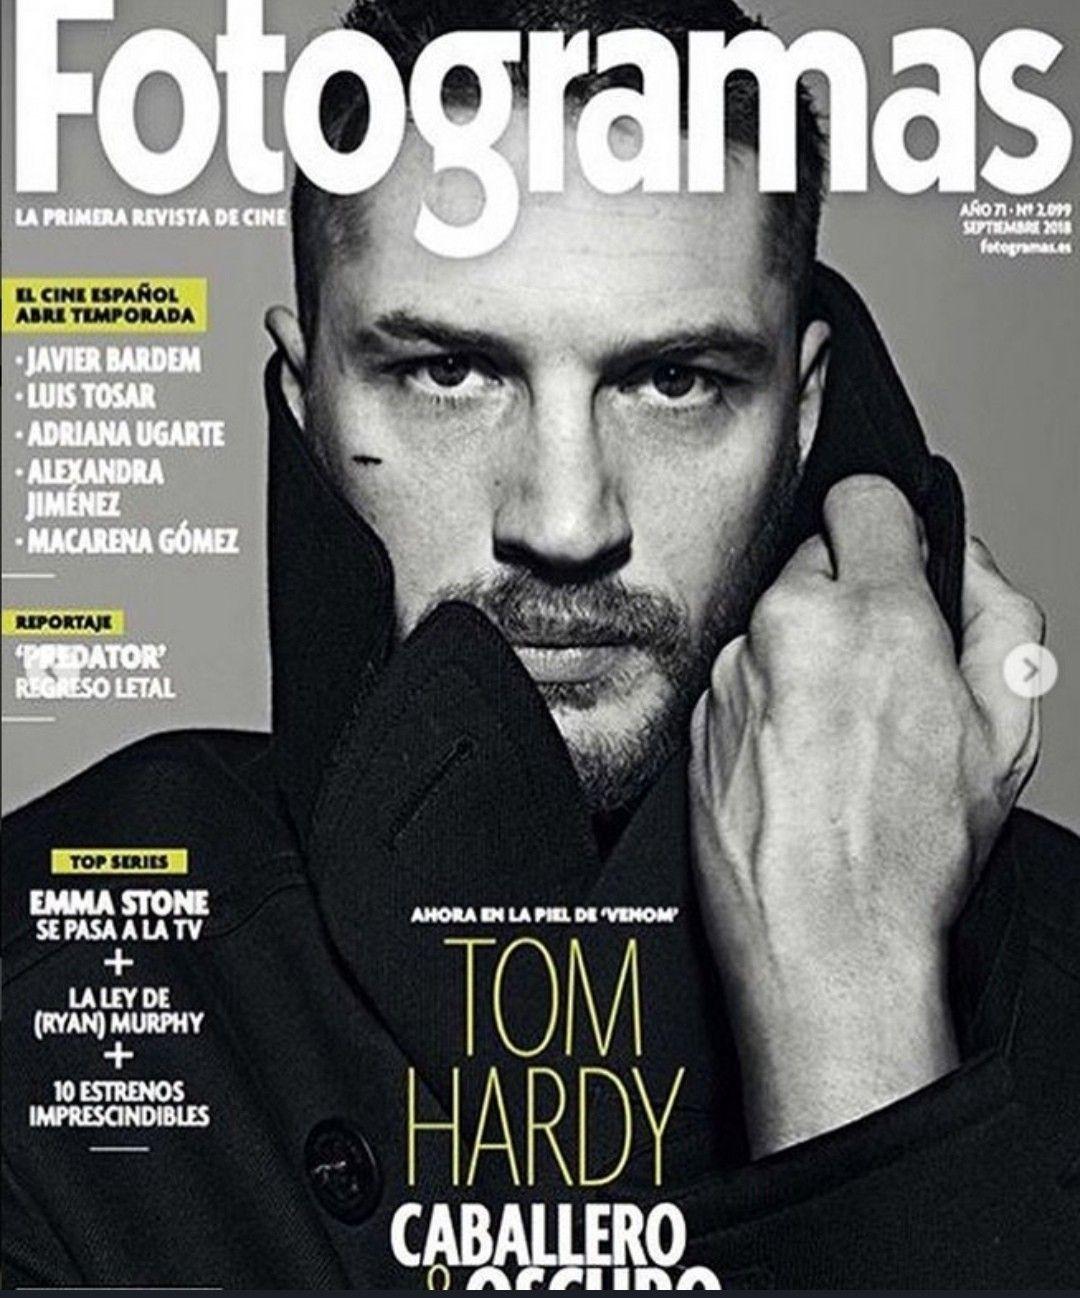 Fotograms Magazine di settembre 2018 📸 Greg Williams